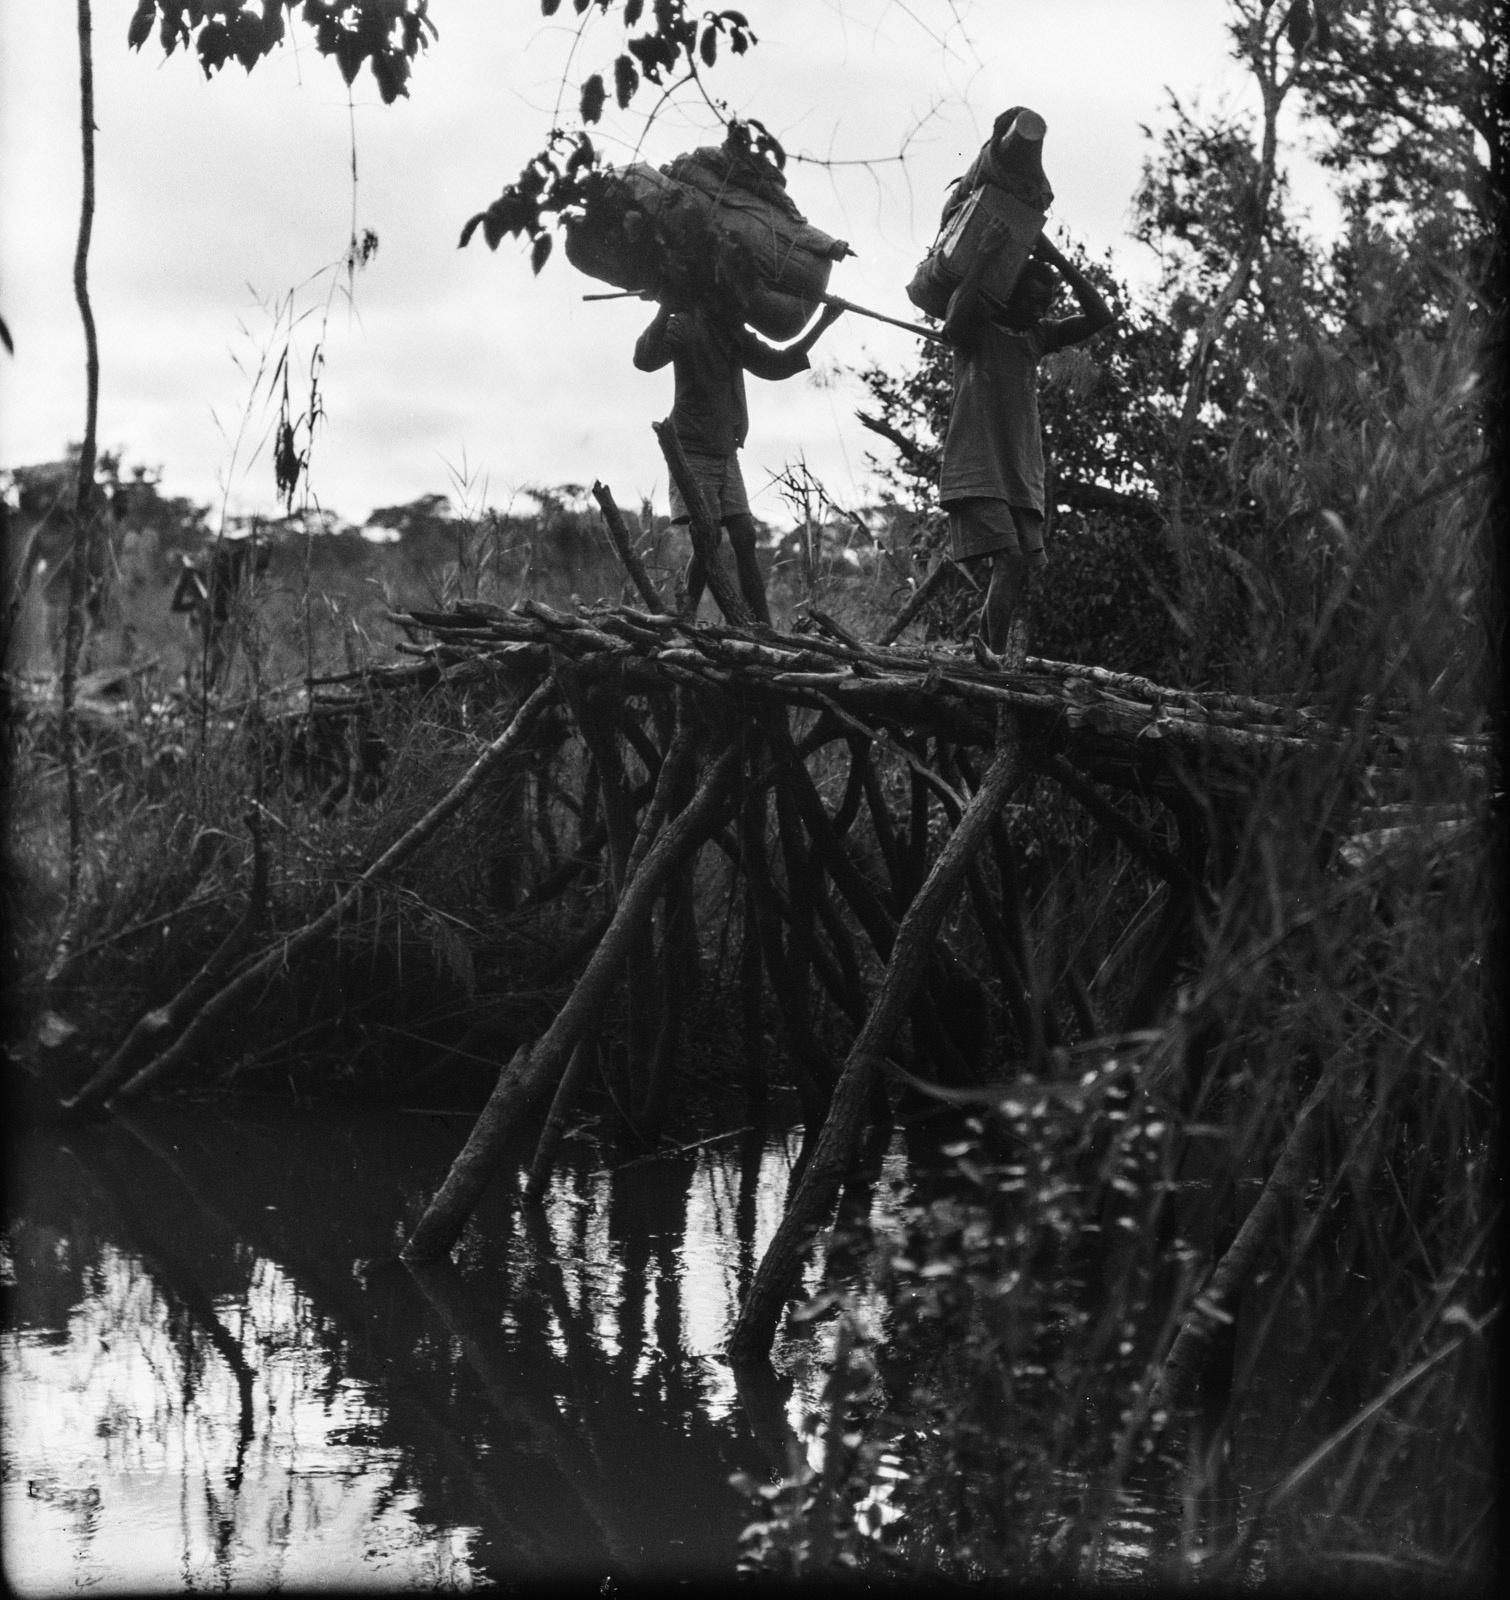 Канколонкола. Два носильщика используют почти разрушенный мост для перехода через ручей